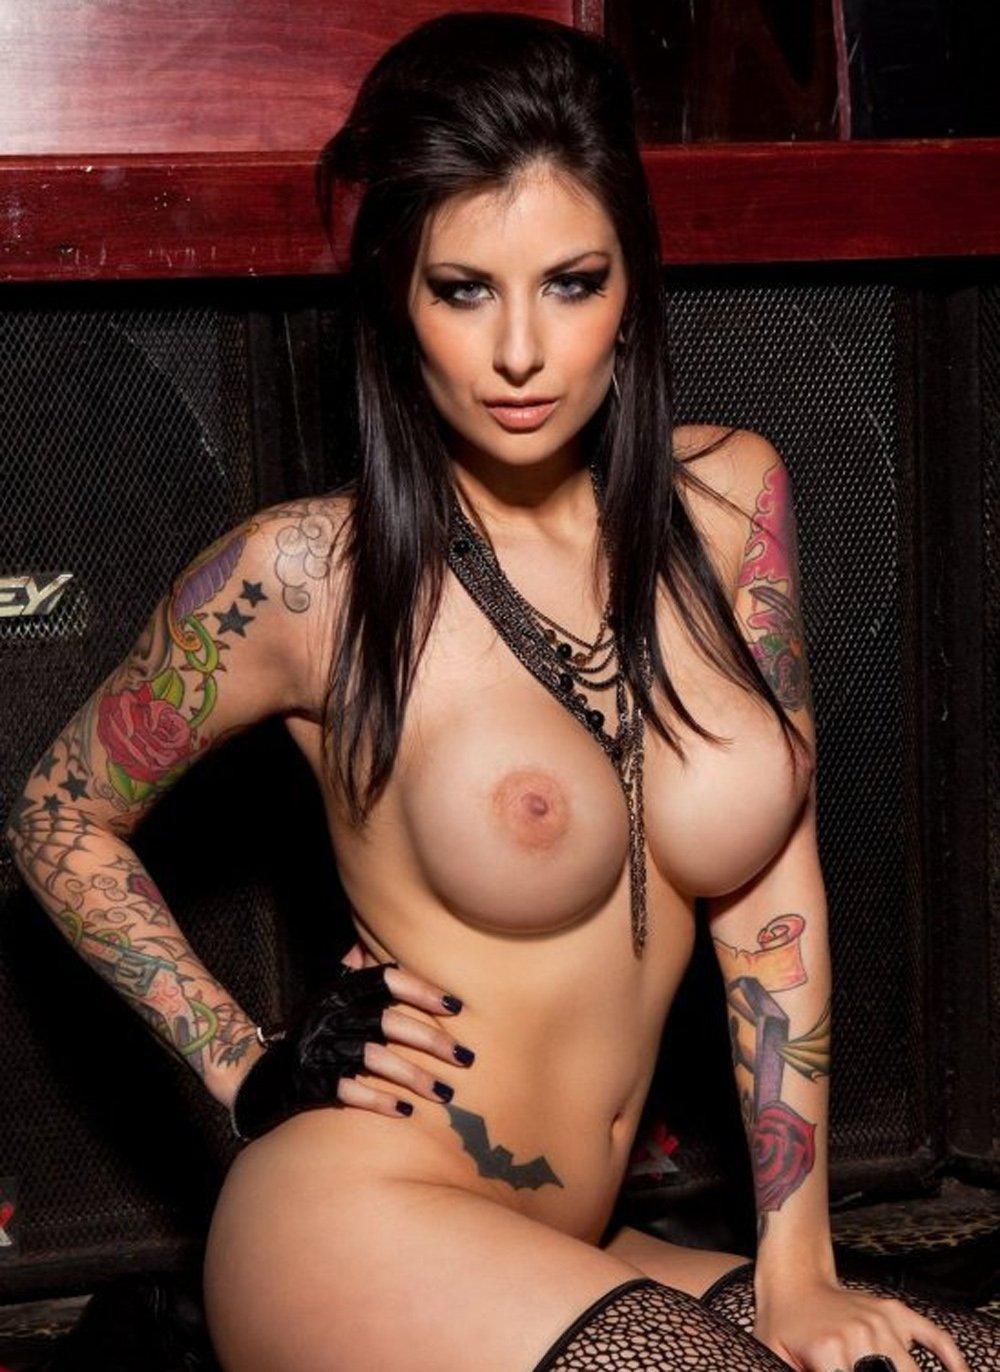 Татуировка вокруг ануса порновидео блондиночка